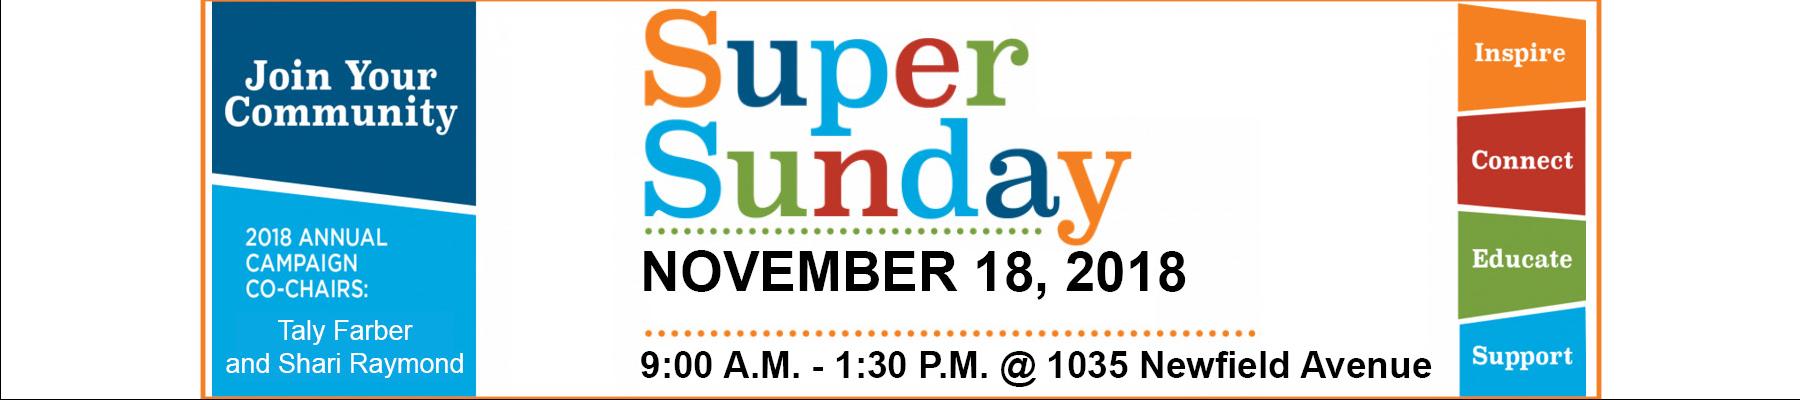 Super Sunday web banner.png